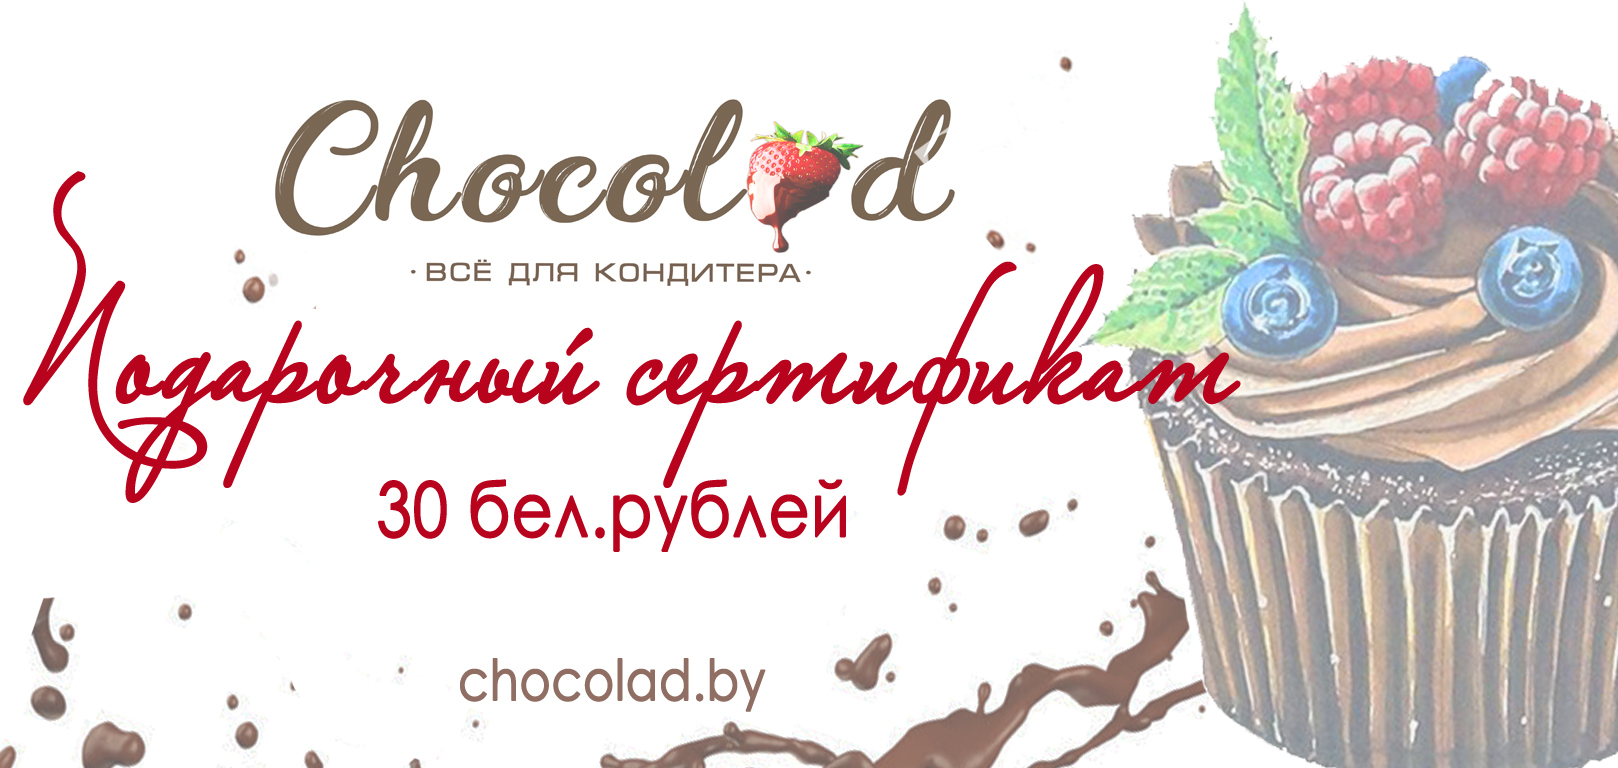 Подарочный сертификат на 30 рублей